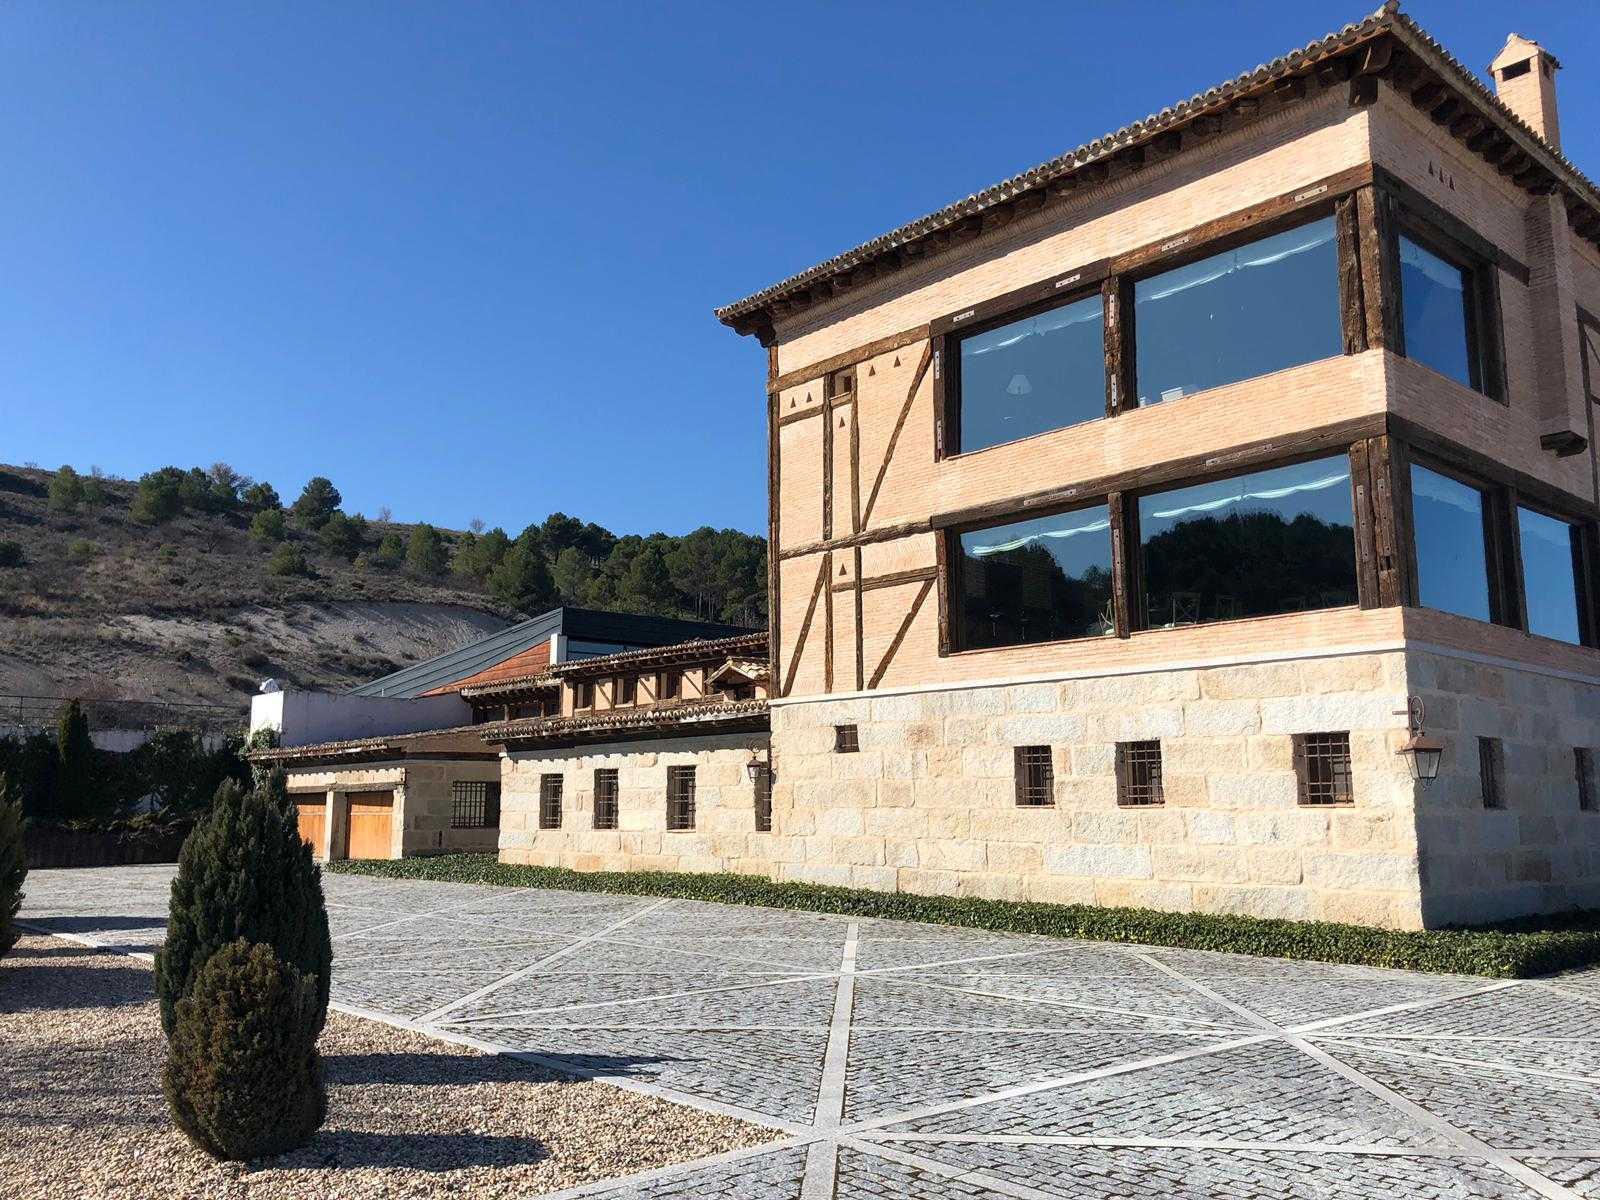 Visitamos Bodegas Conde de San Cristobal, una de las bodegas más prestigiosas de Ribera del Duero